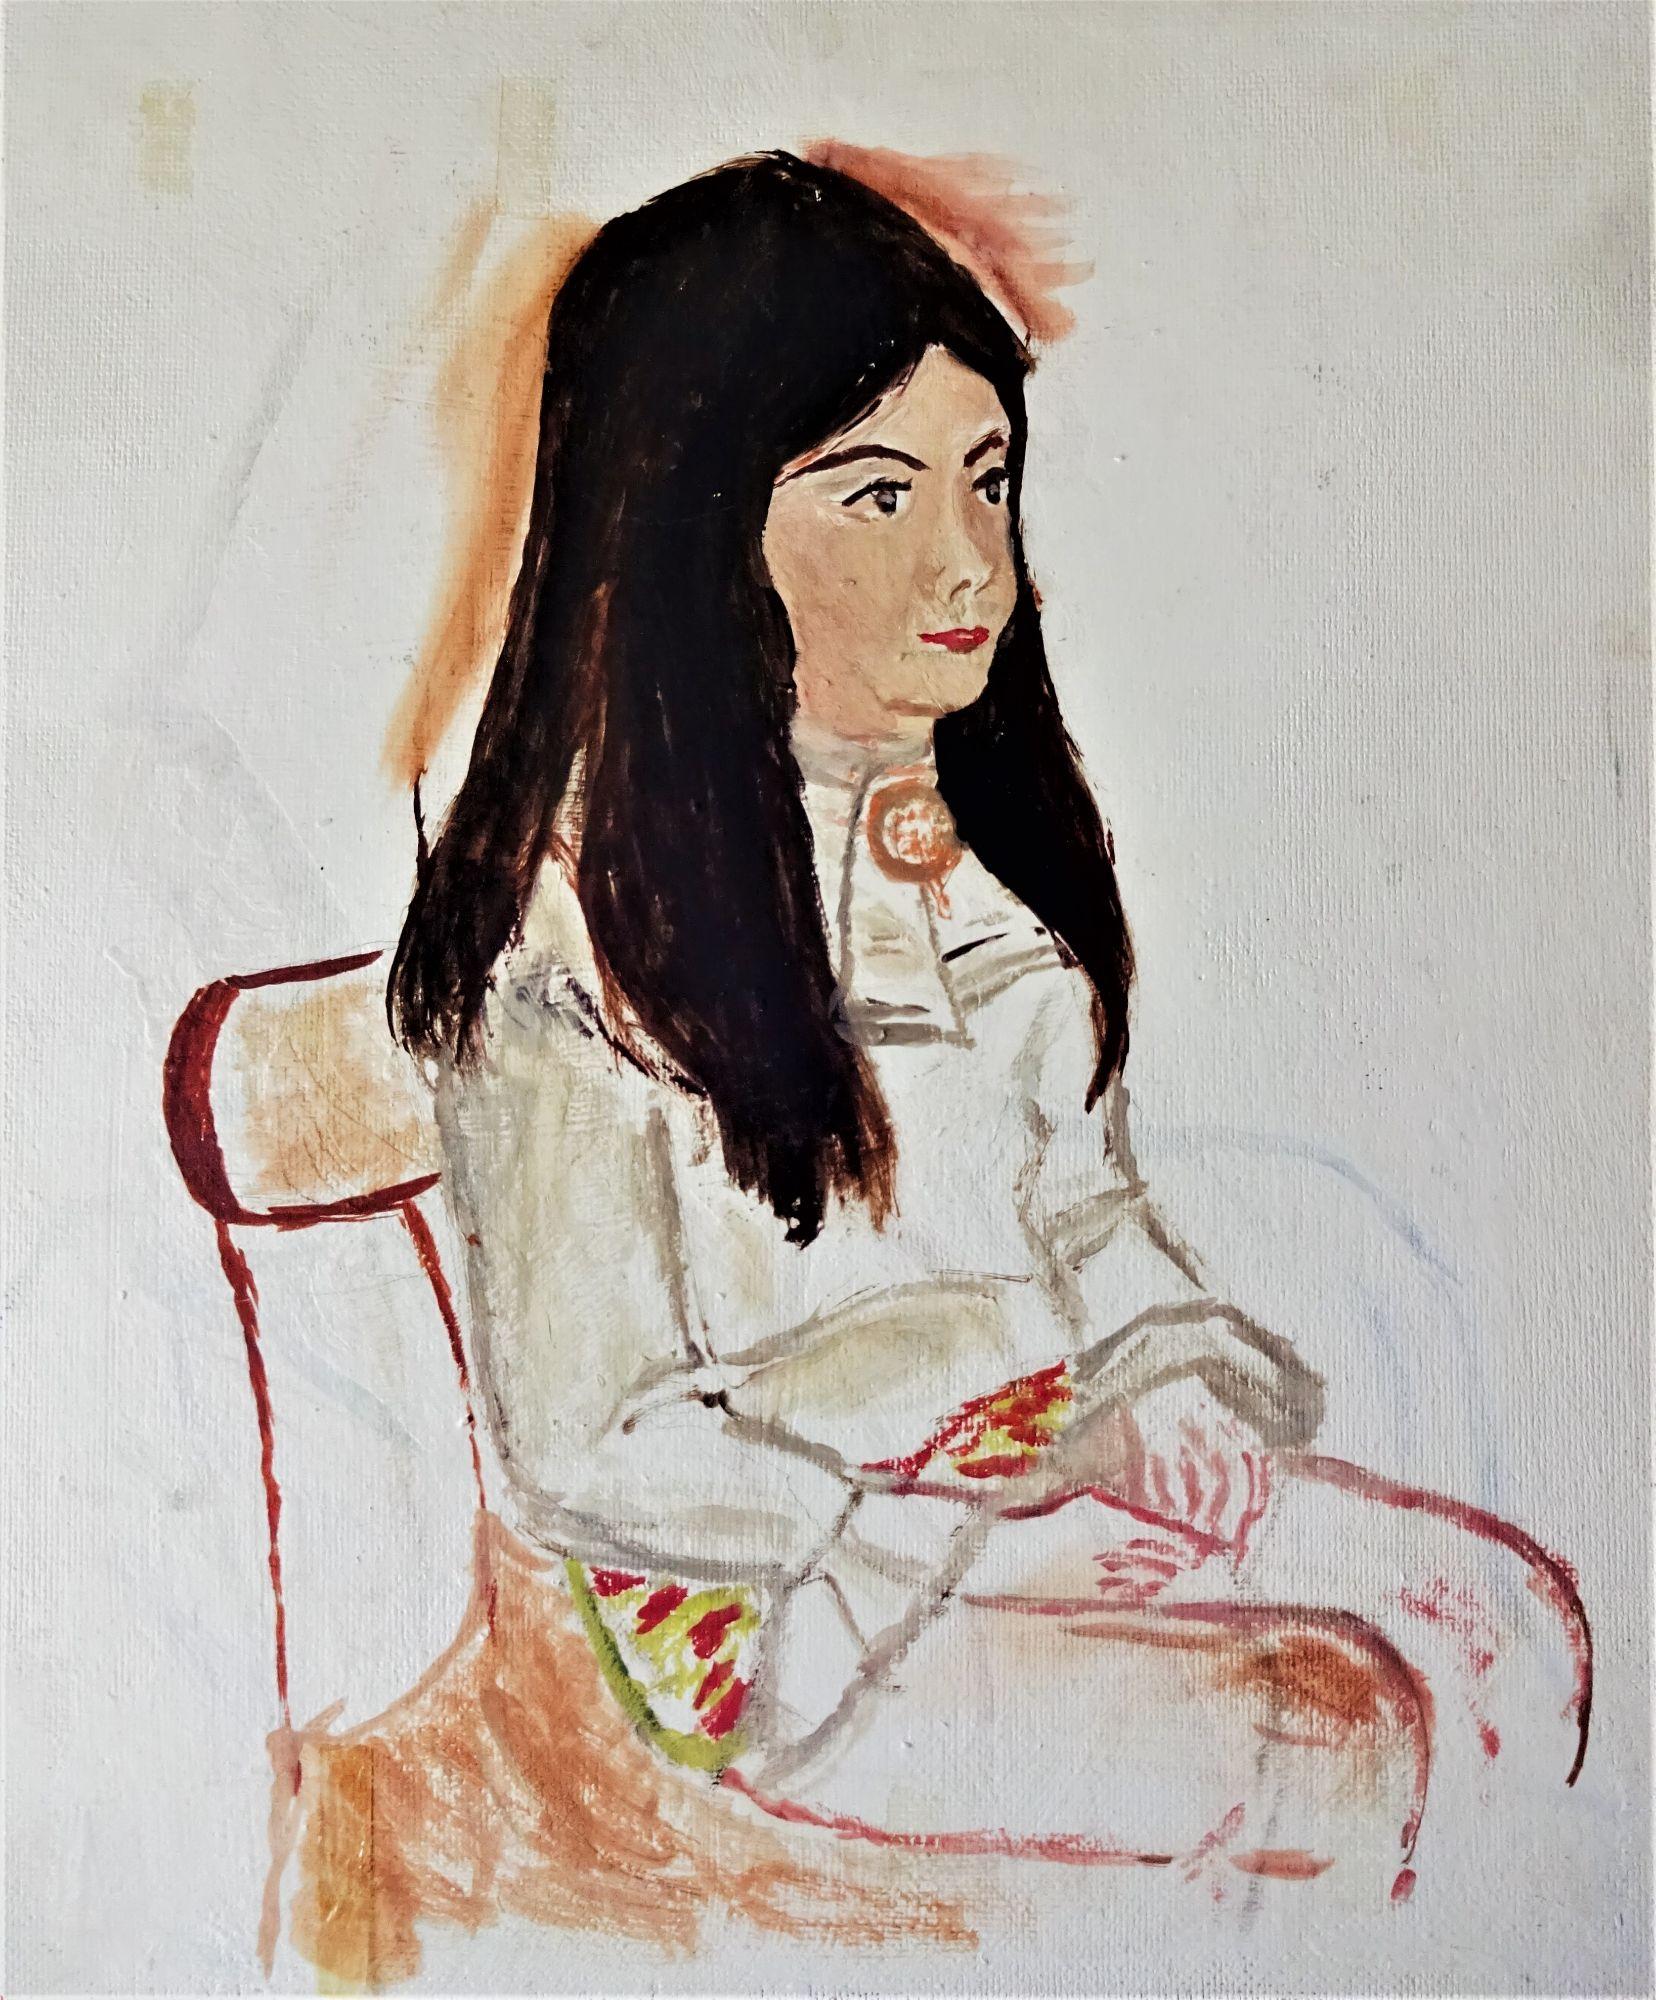 Joan Fuller, Outsider Art, A Life Study, 1971.